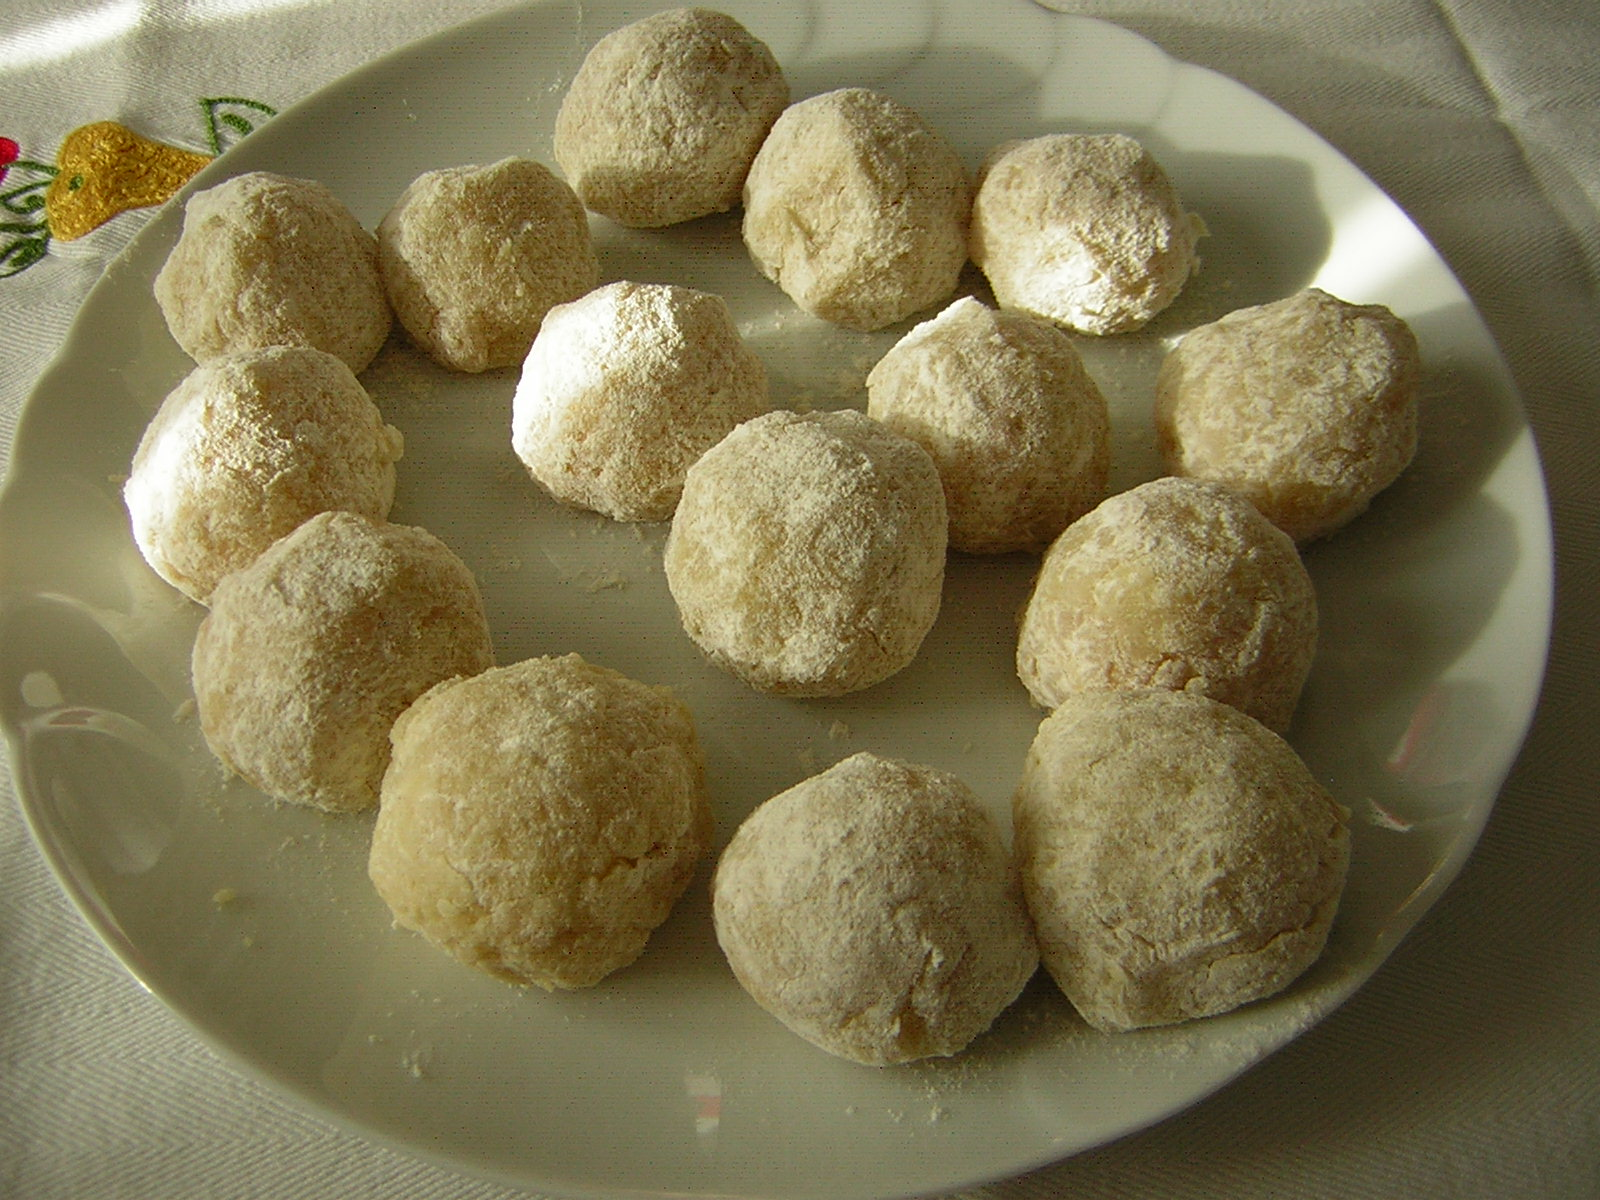 polpettine di merluzzo pronte da friggere per fare il riso con polpette di merluzzo